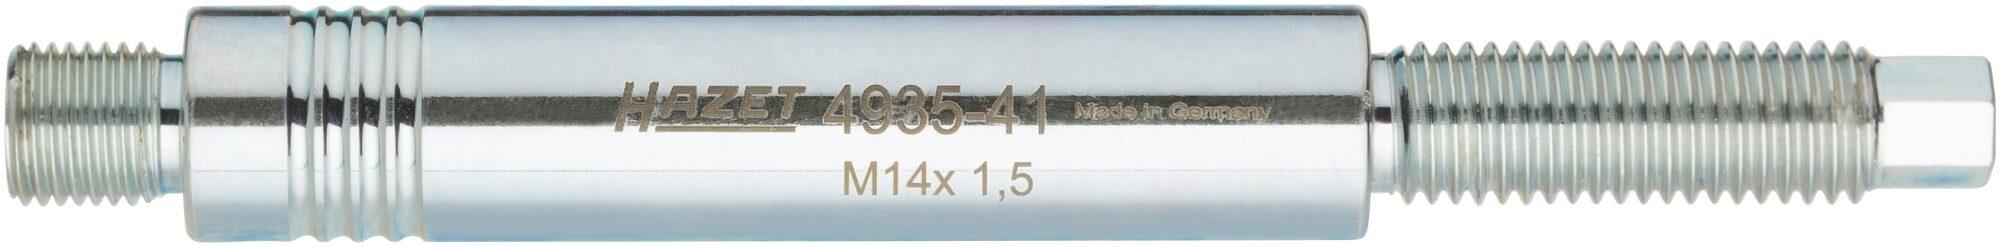 HAZET Zugbolzen M14x1,5 4935-41-M14